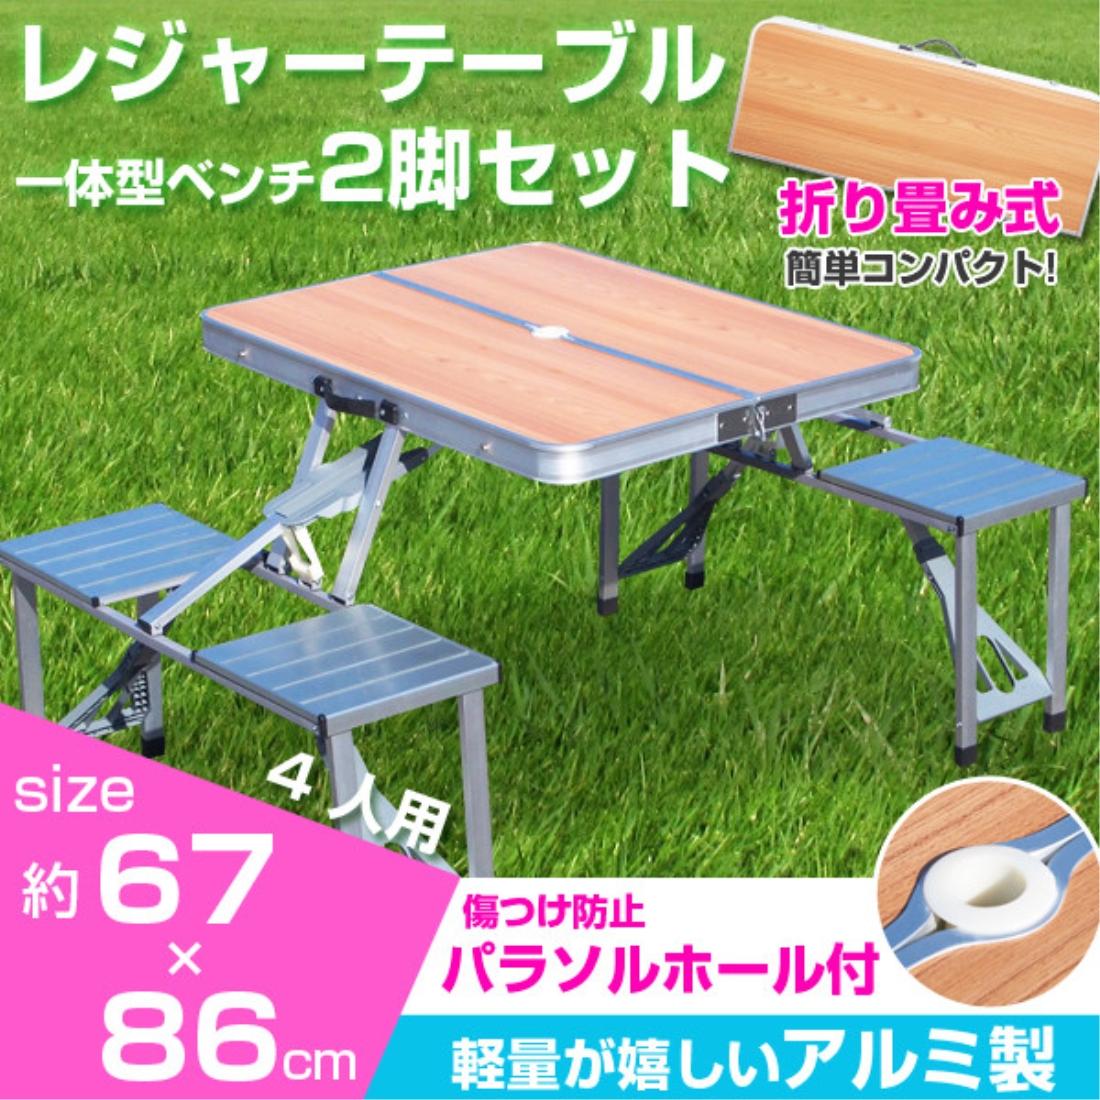 折り畳み式アウトドアテーブル&4チェアーセット【WOODタイプ】折り畳み アウトドア テーブル チェアー セット 屋外 アウトドア 椅子 テーブル